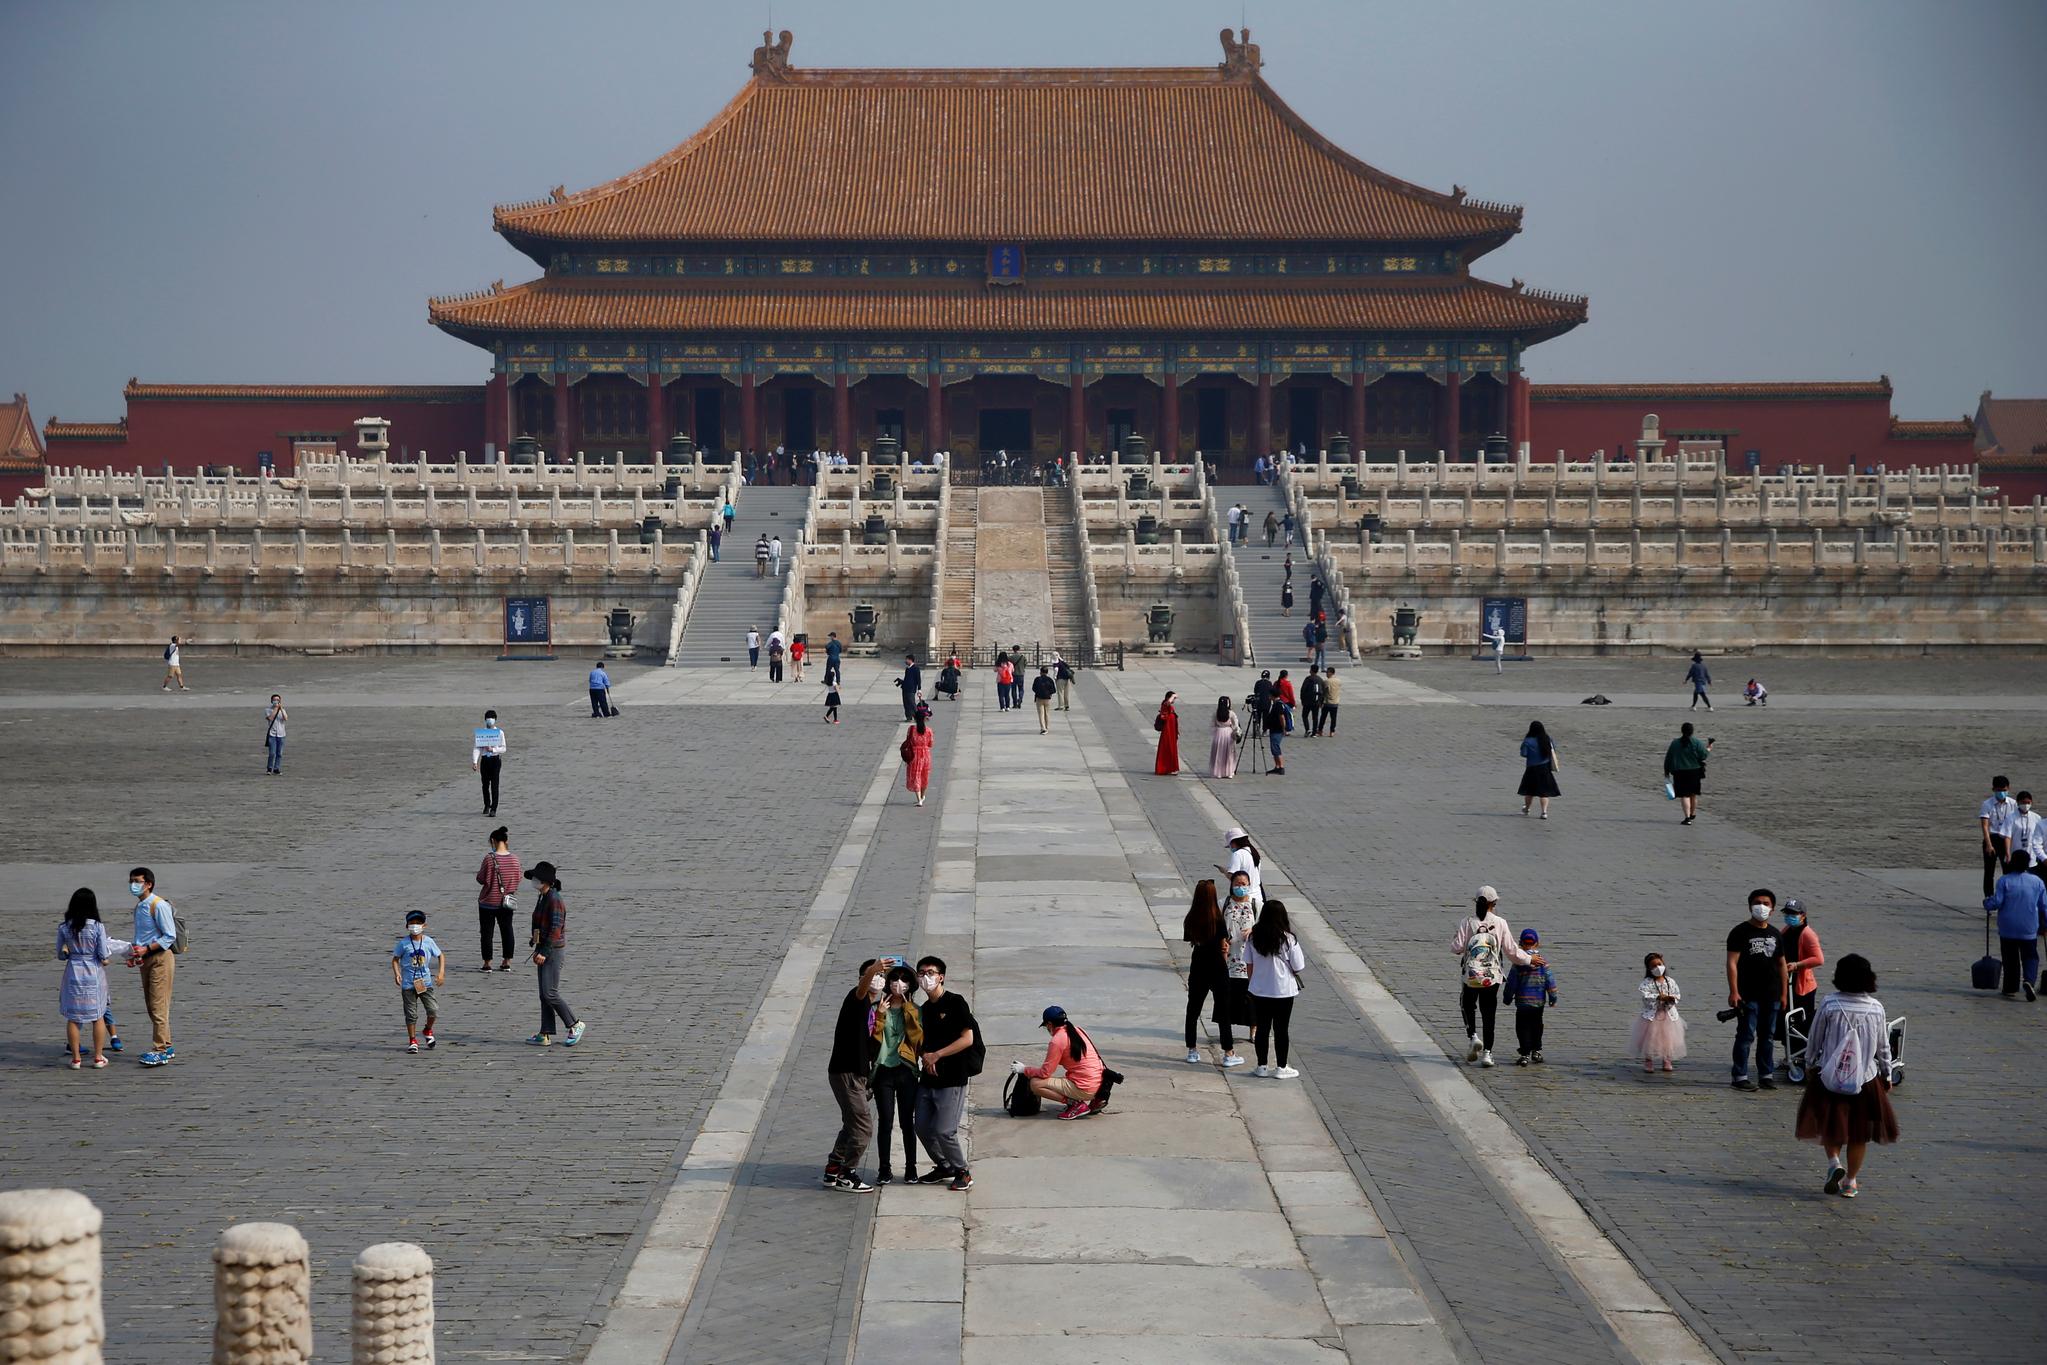 1일 다시 문을 연 베이징 자금성에 관광객들이 입장하고 있다. 로이터=연합뉴스